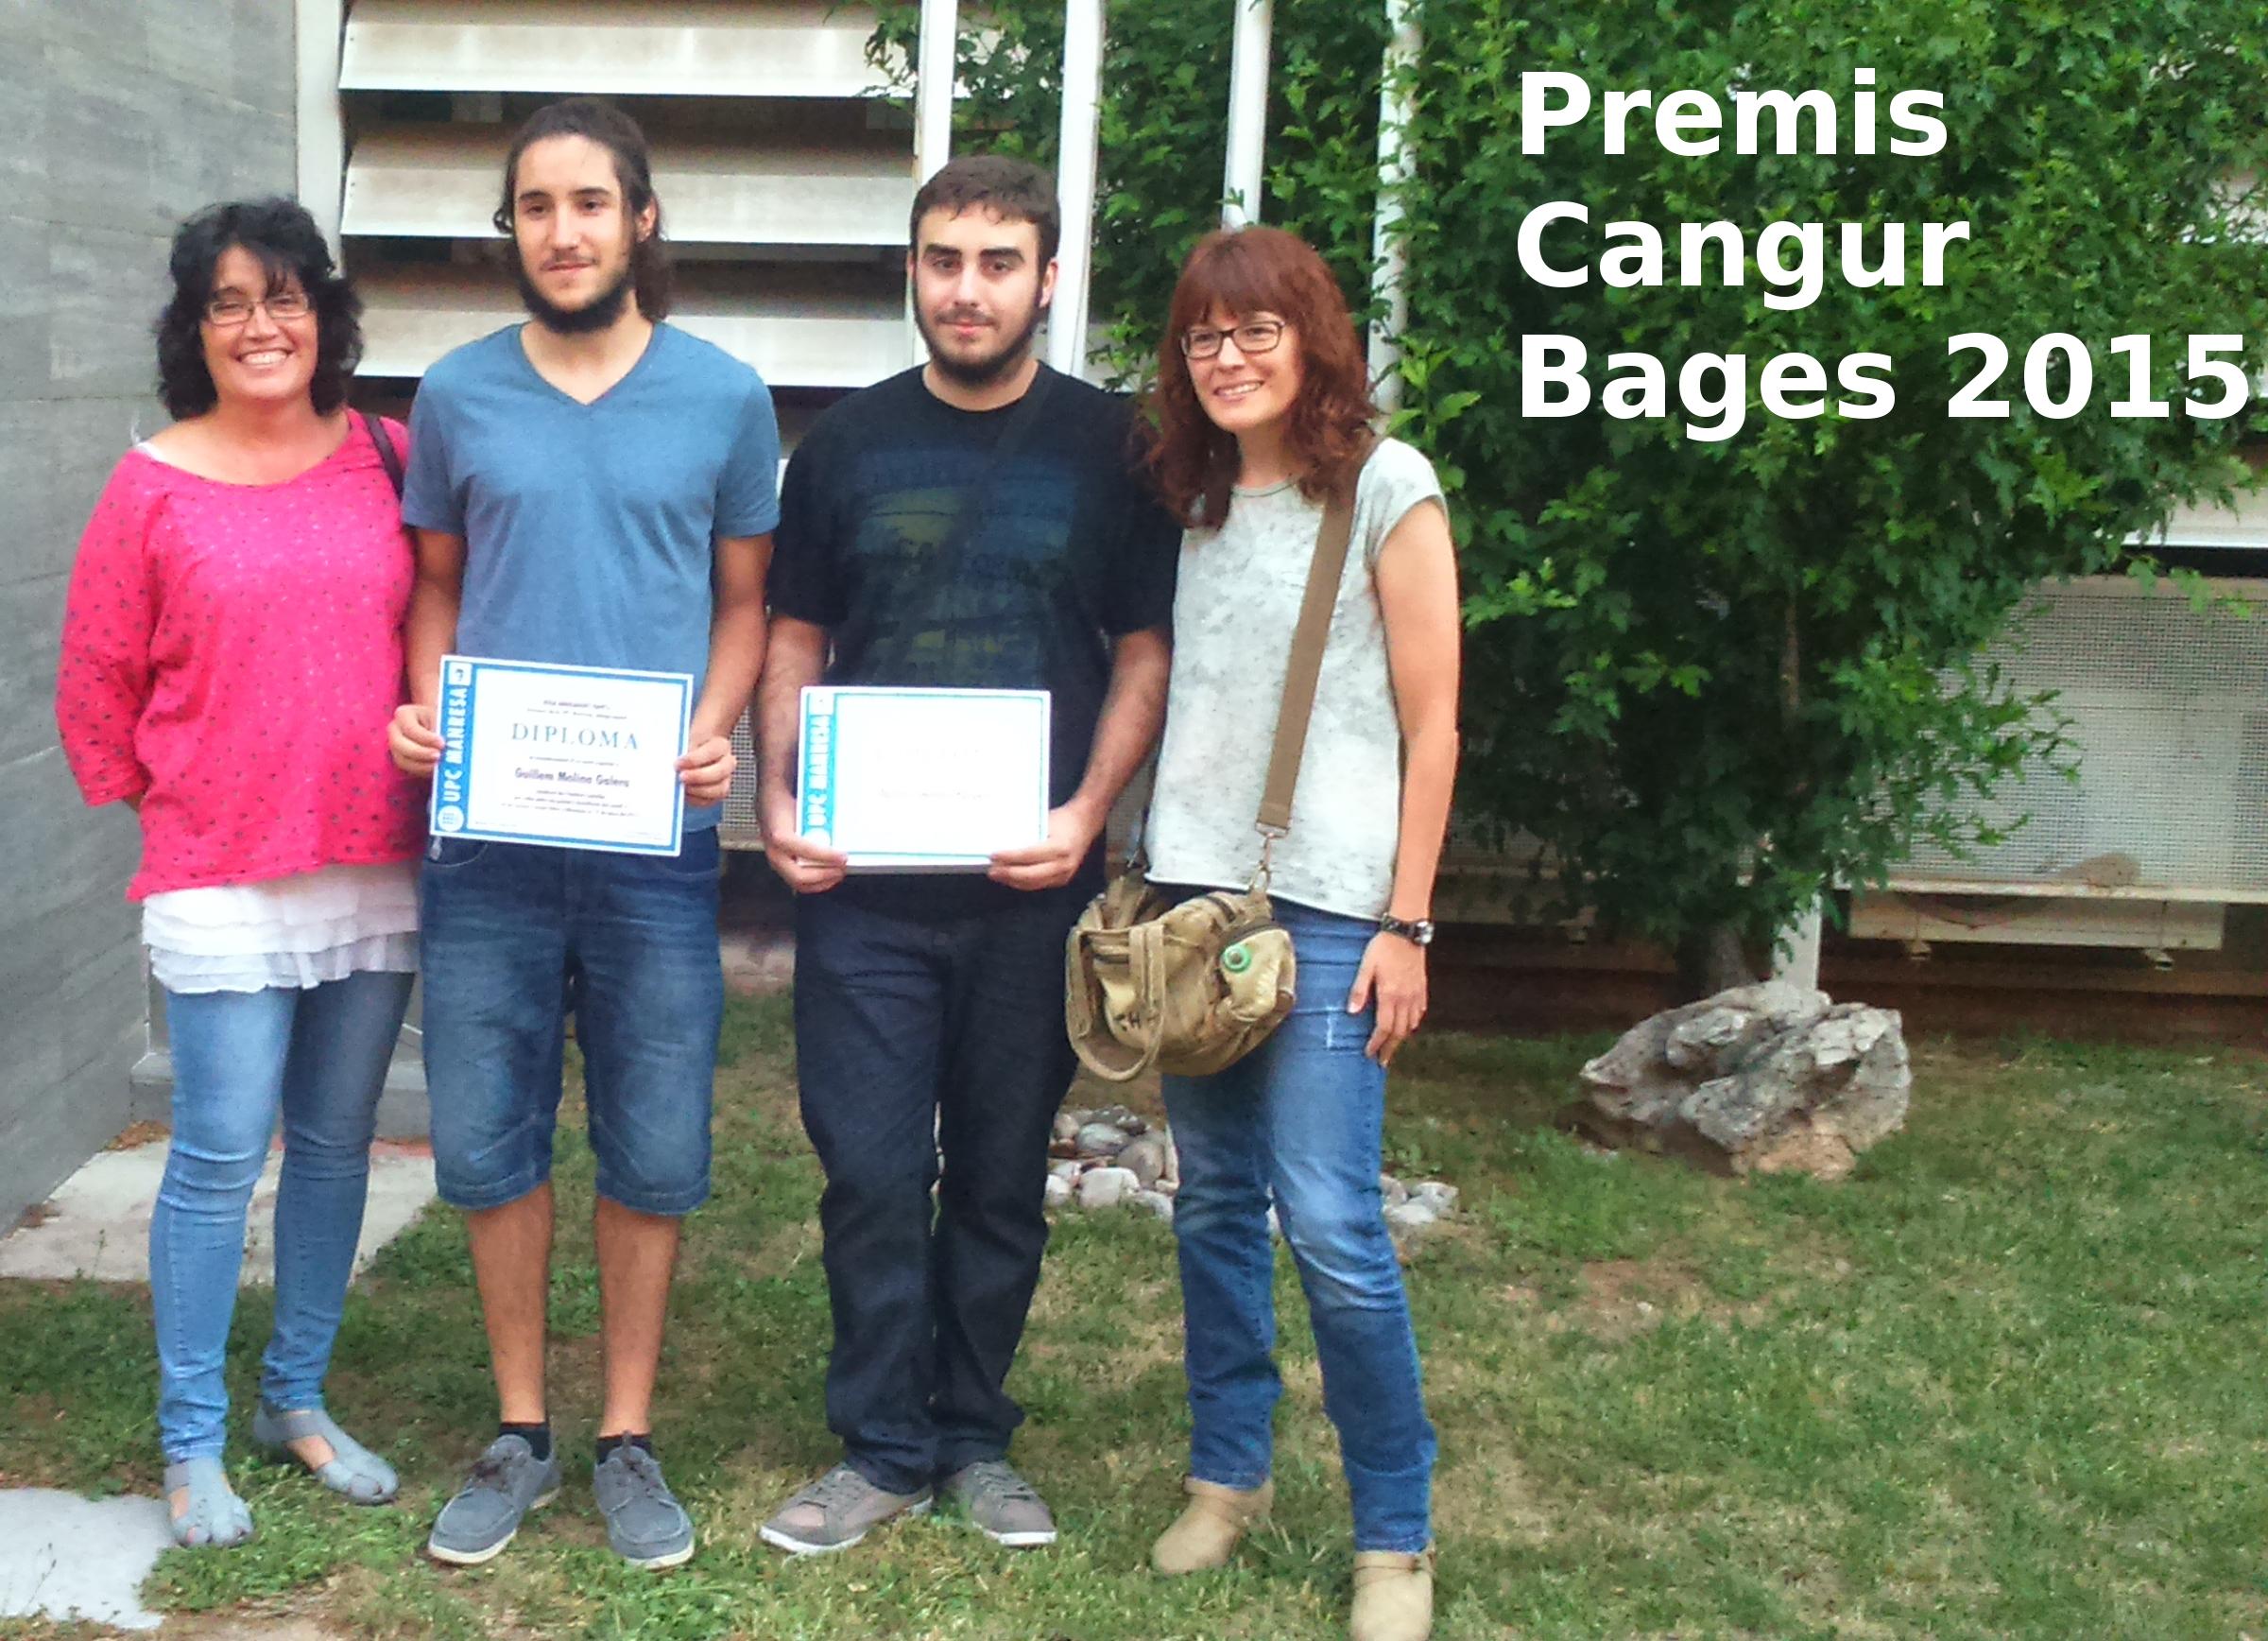 Entrega premis Cangur 2015